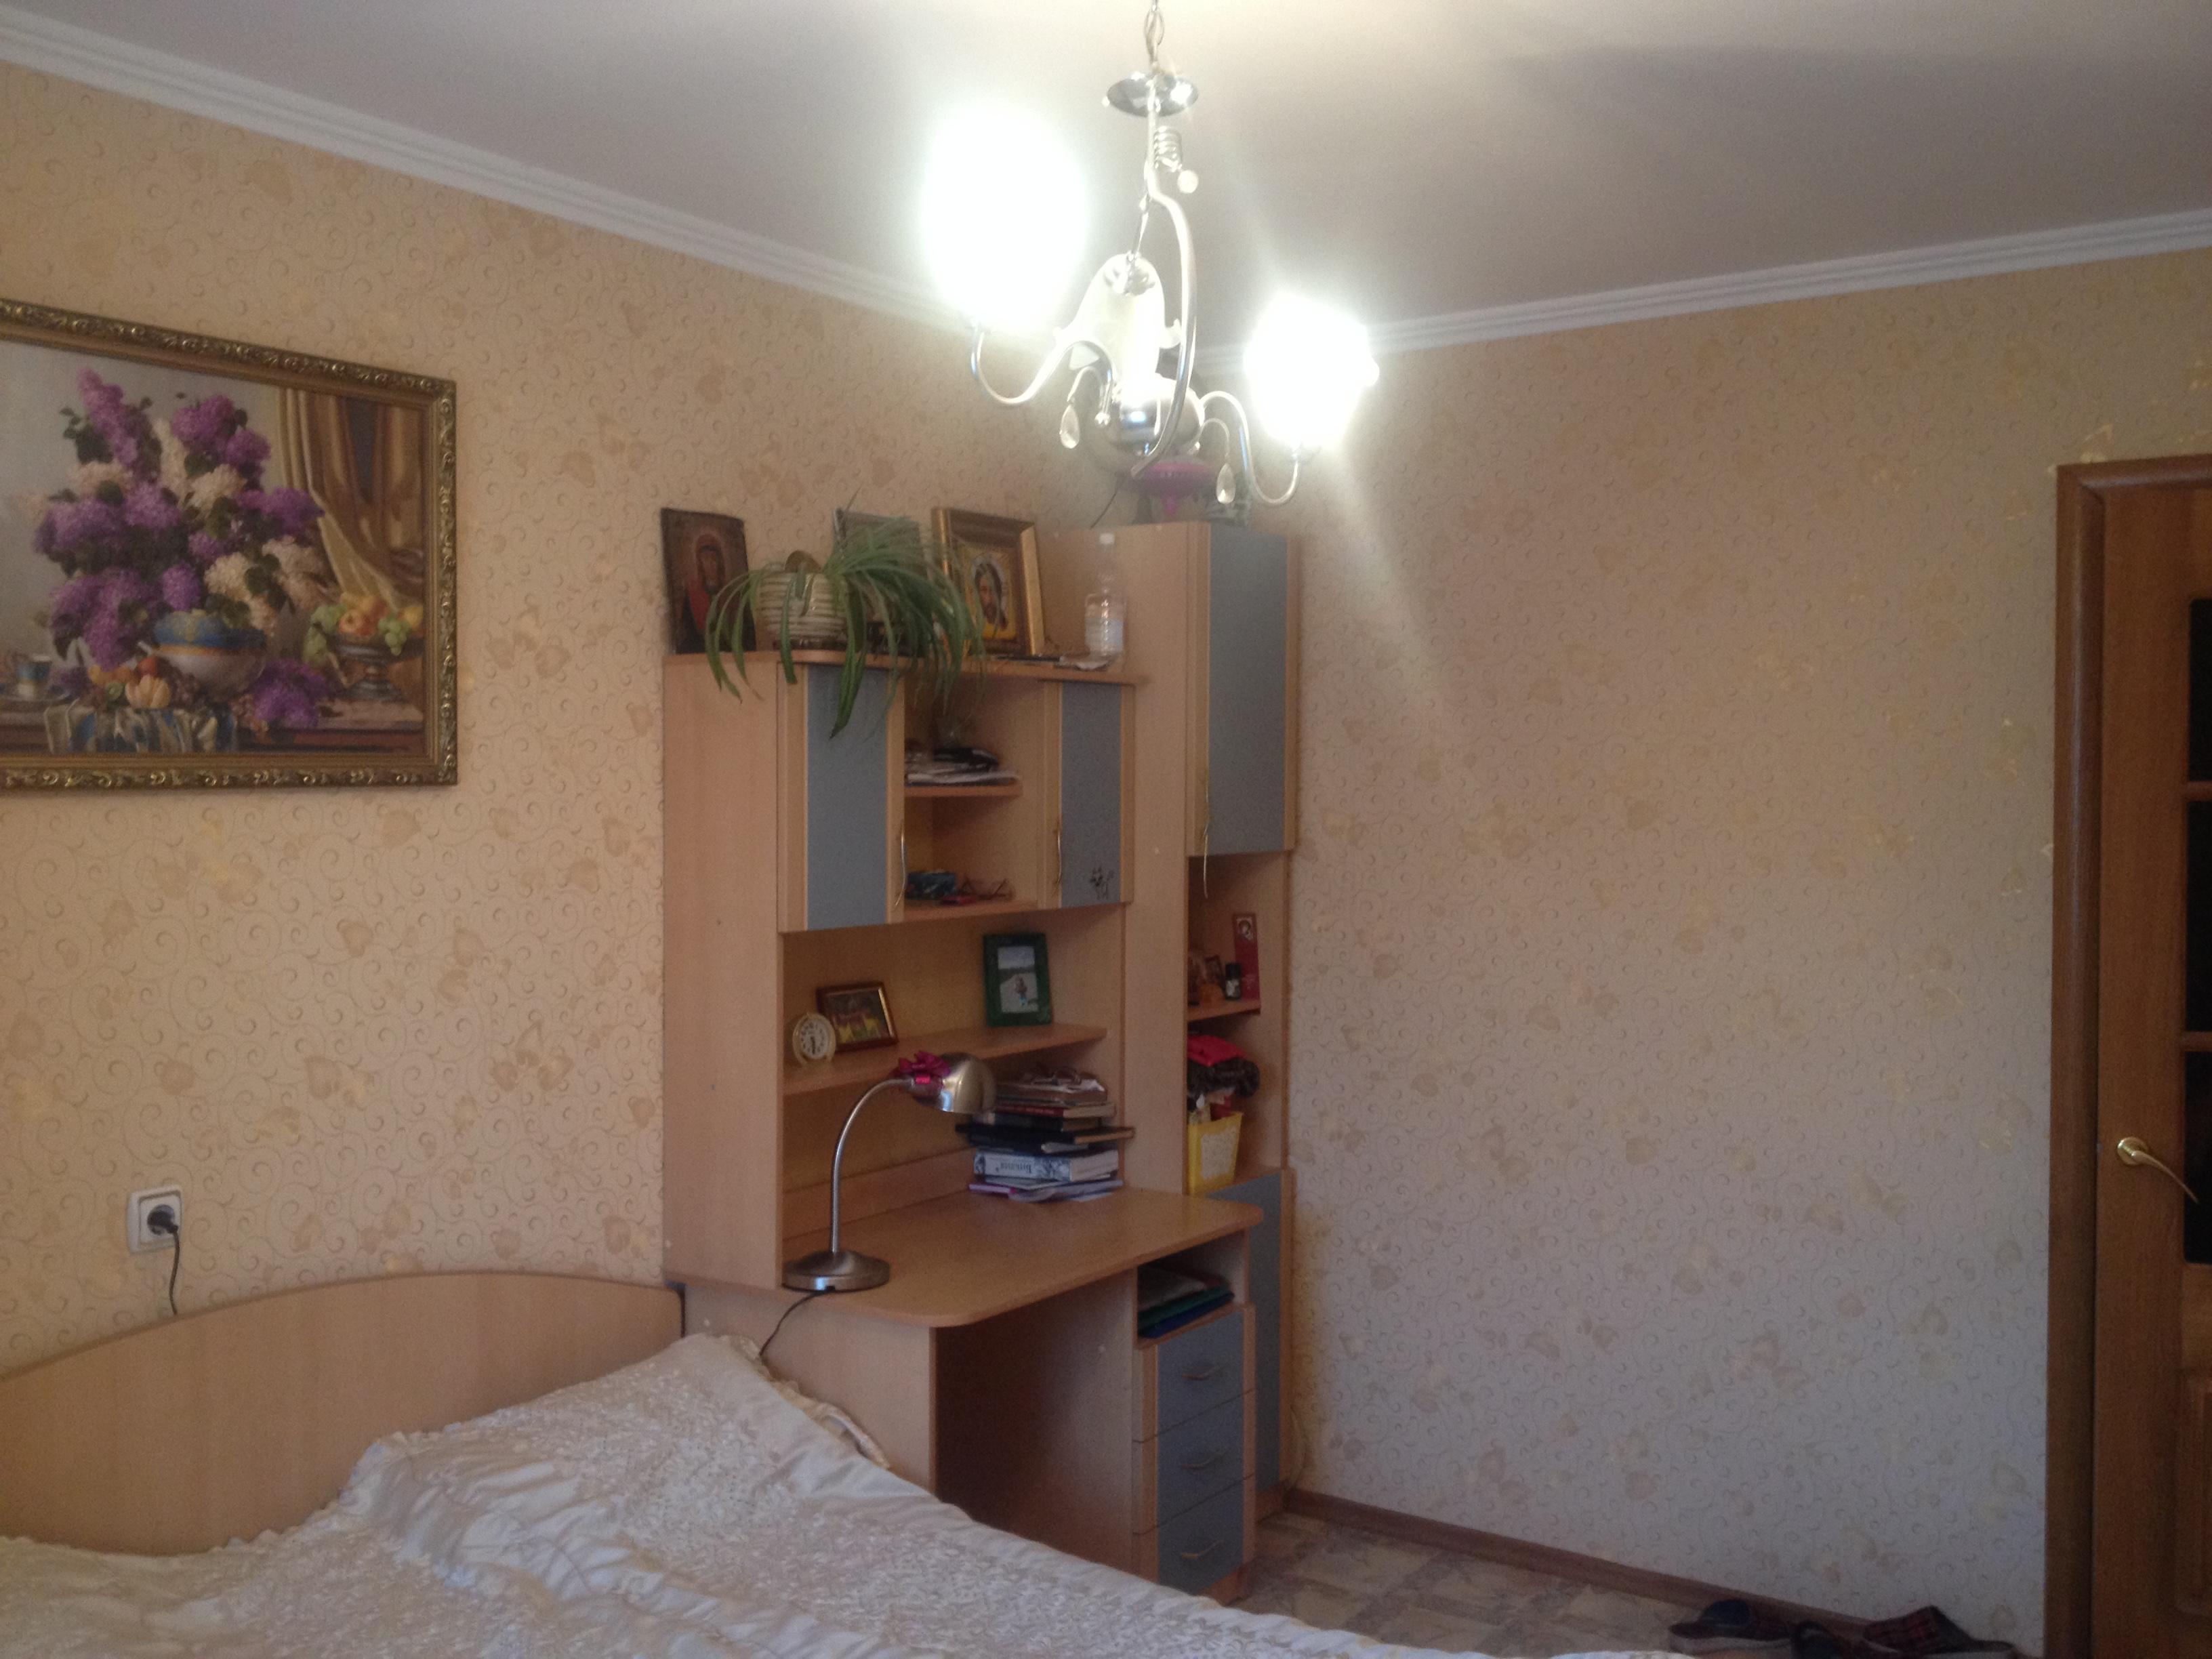 Квартира 2 комнатная в Майкоп район Михайлова